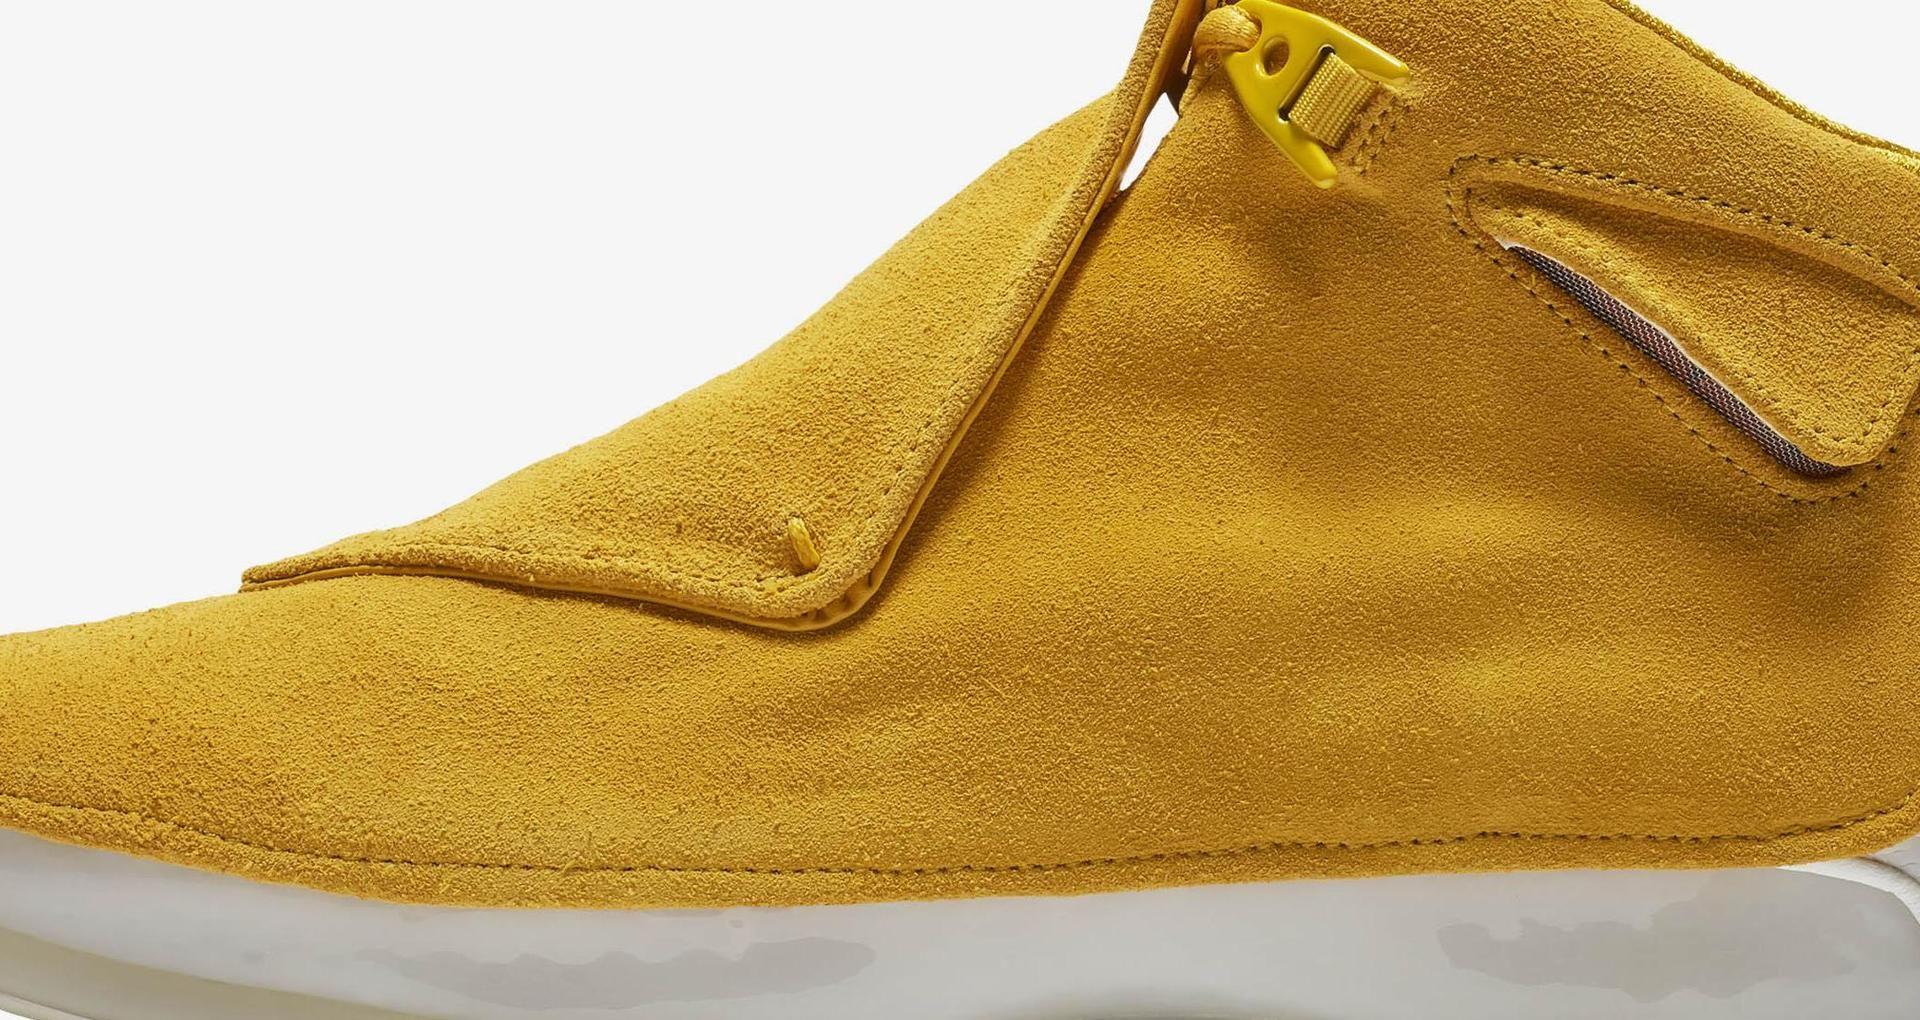 94ec6861d0da Air Jordan 18  Yellow Ochre   Sail  Release Date. Nike+ SNKRS